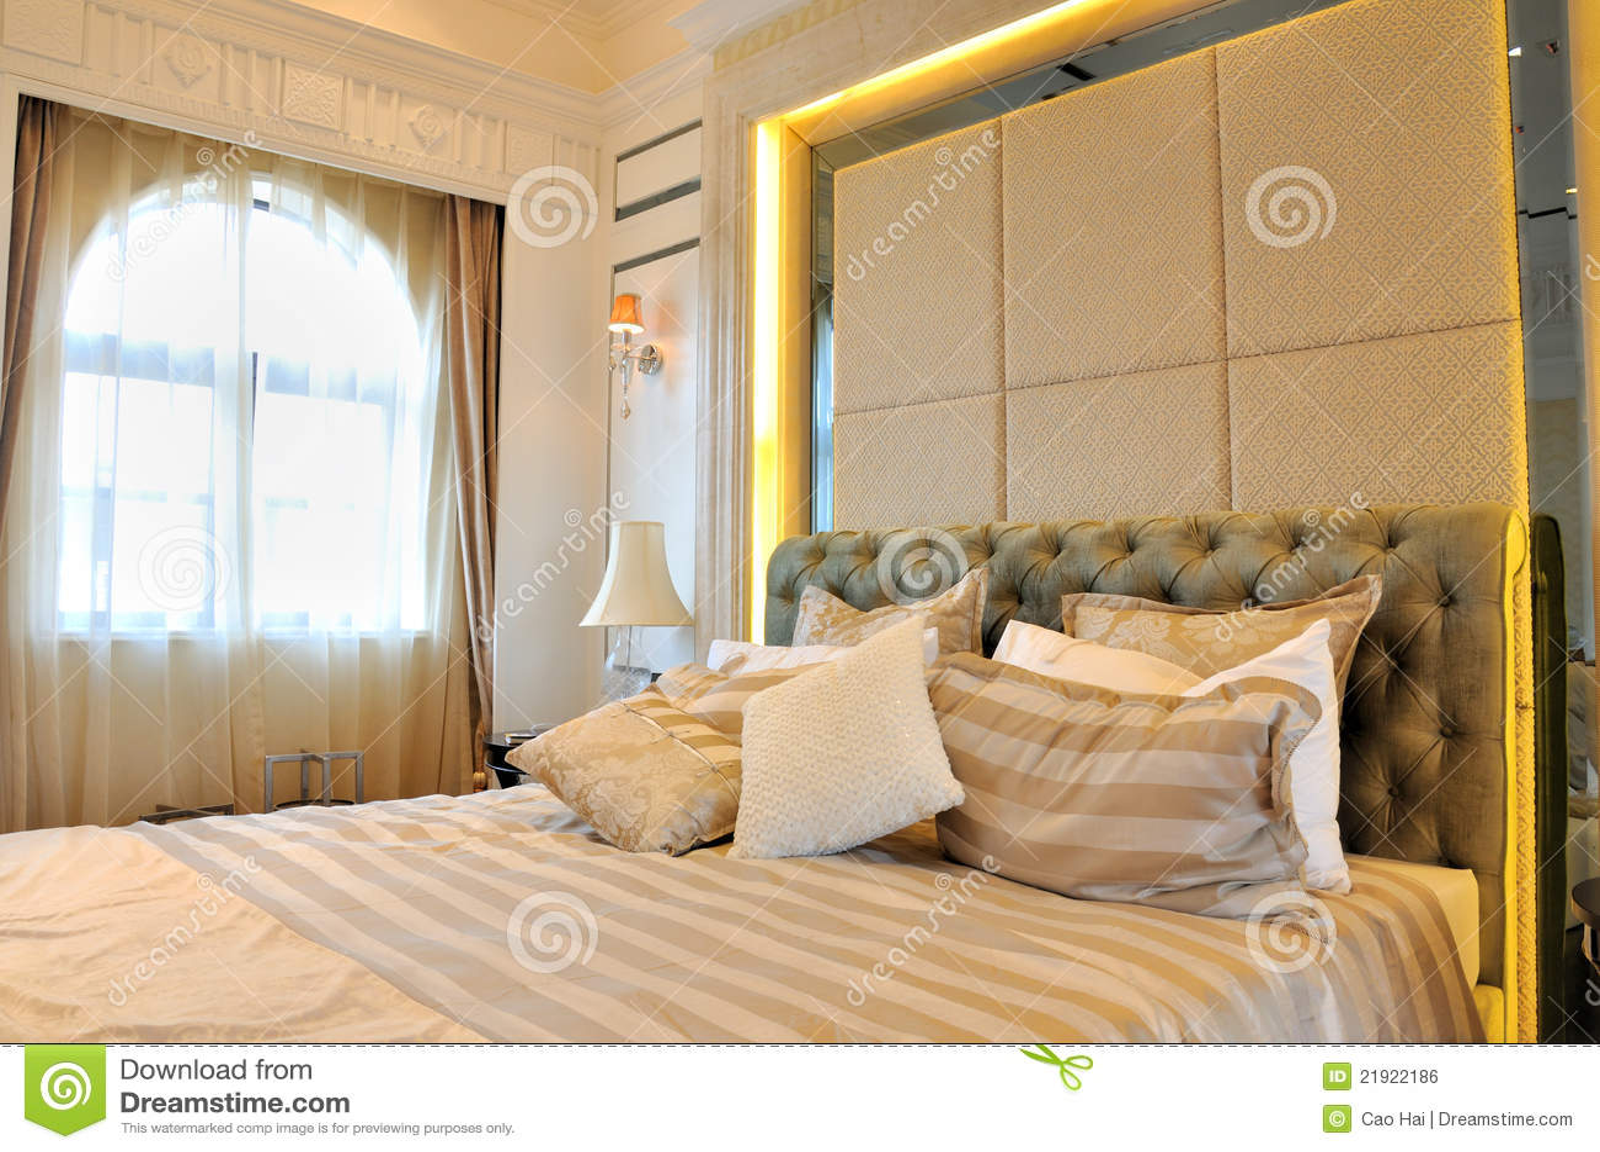 Camera da letto e finestra con illuminazione della tenda - Illuminazione per camera da letto ...